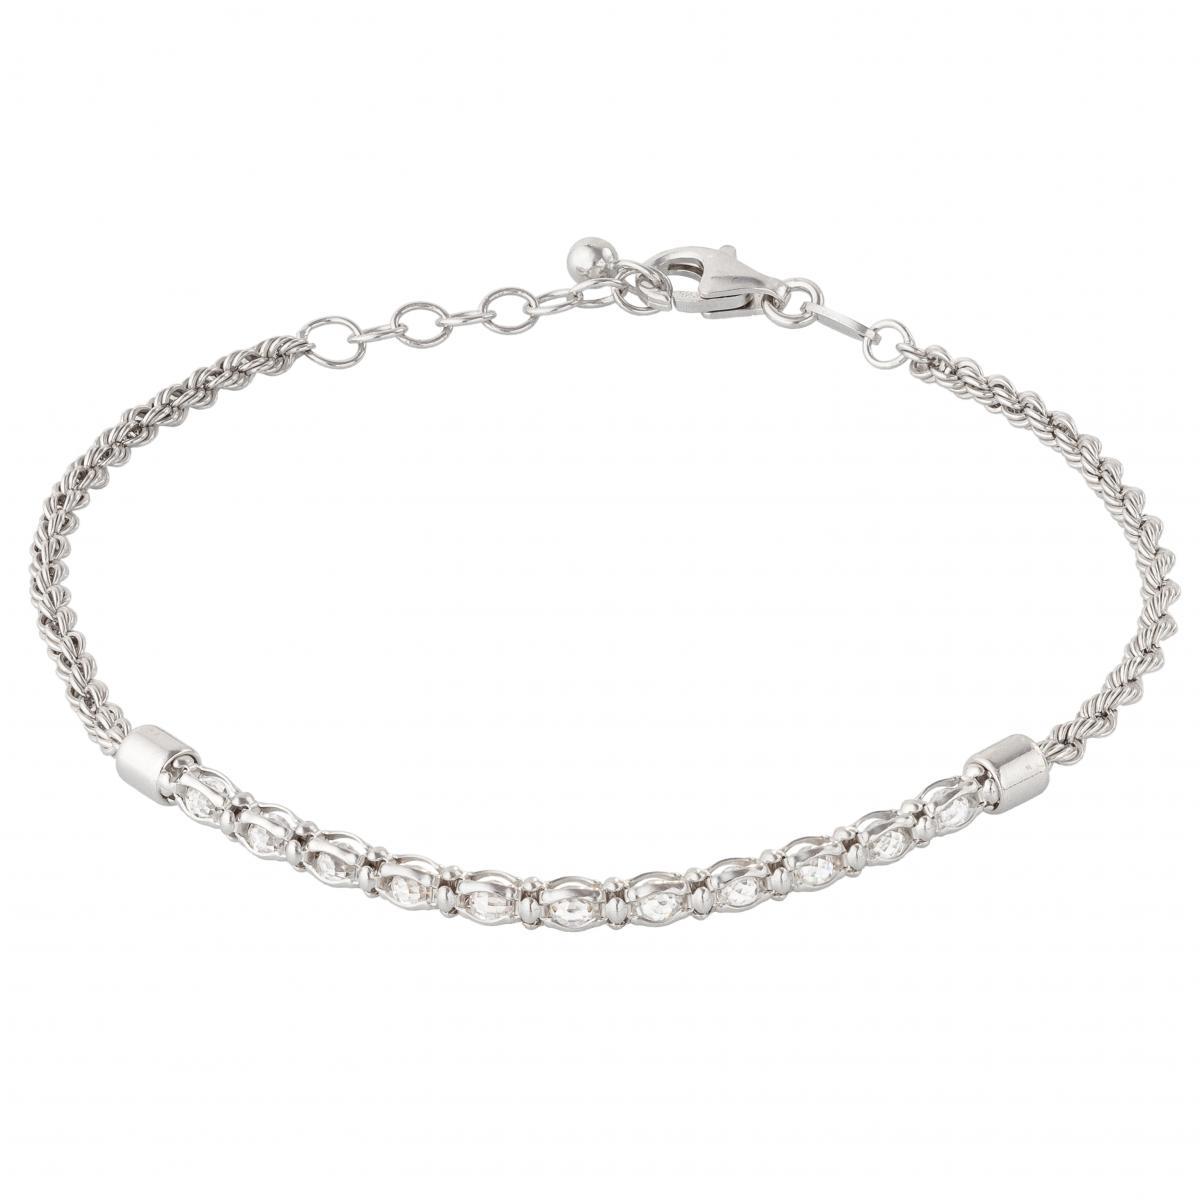 Браслет срібний з цирконієм жіночий ``Barocco`` CRDLSBR MLSA 040y